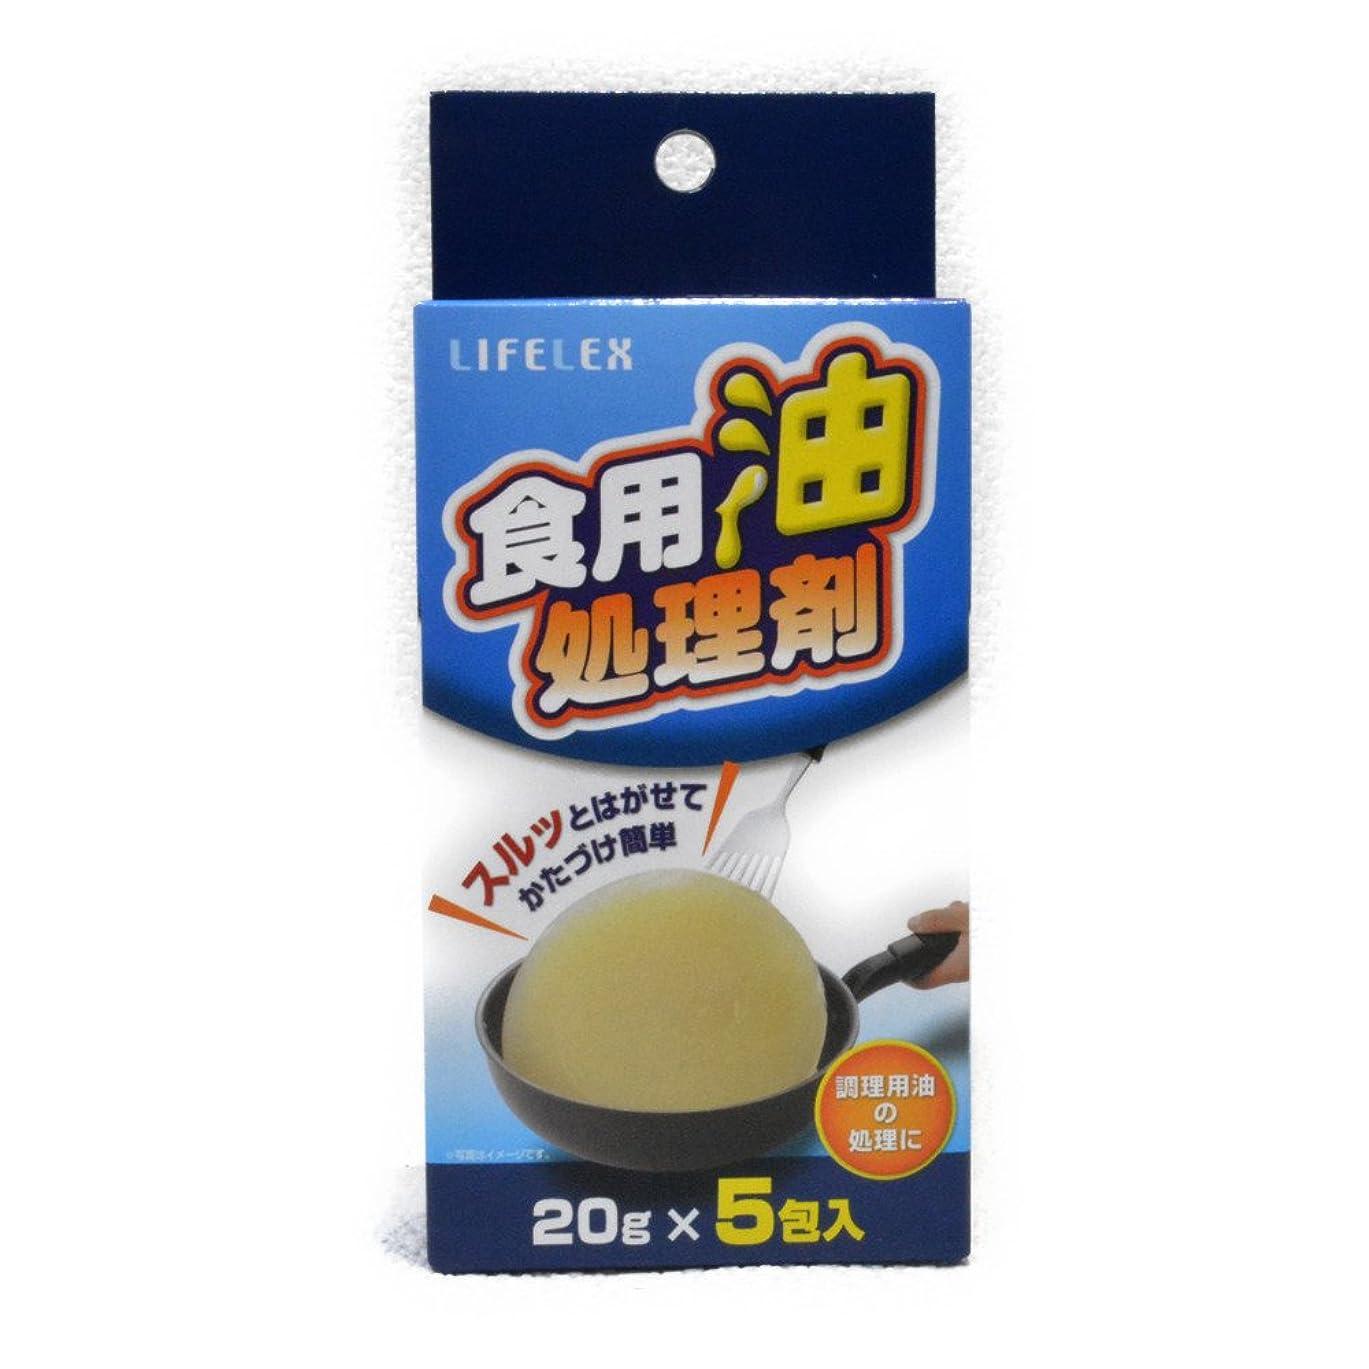 照らすマーク投票コーナンオリジナル 食用油処理剤20g×5包入 TEKO05-8641